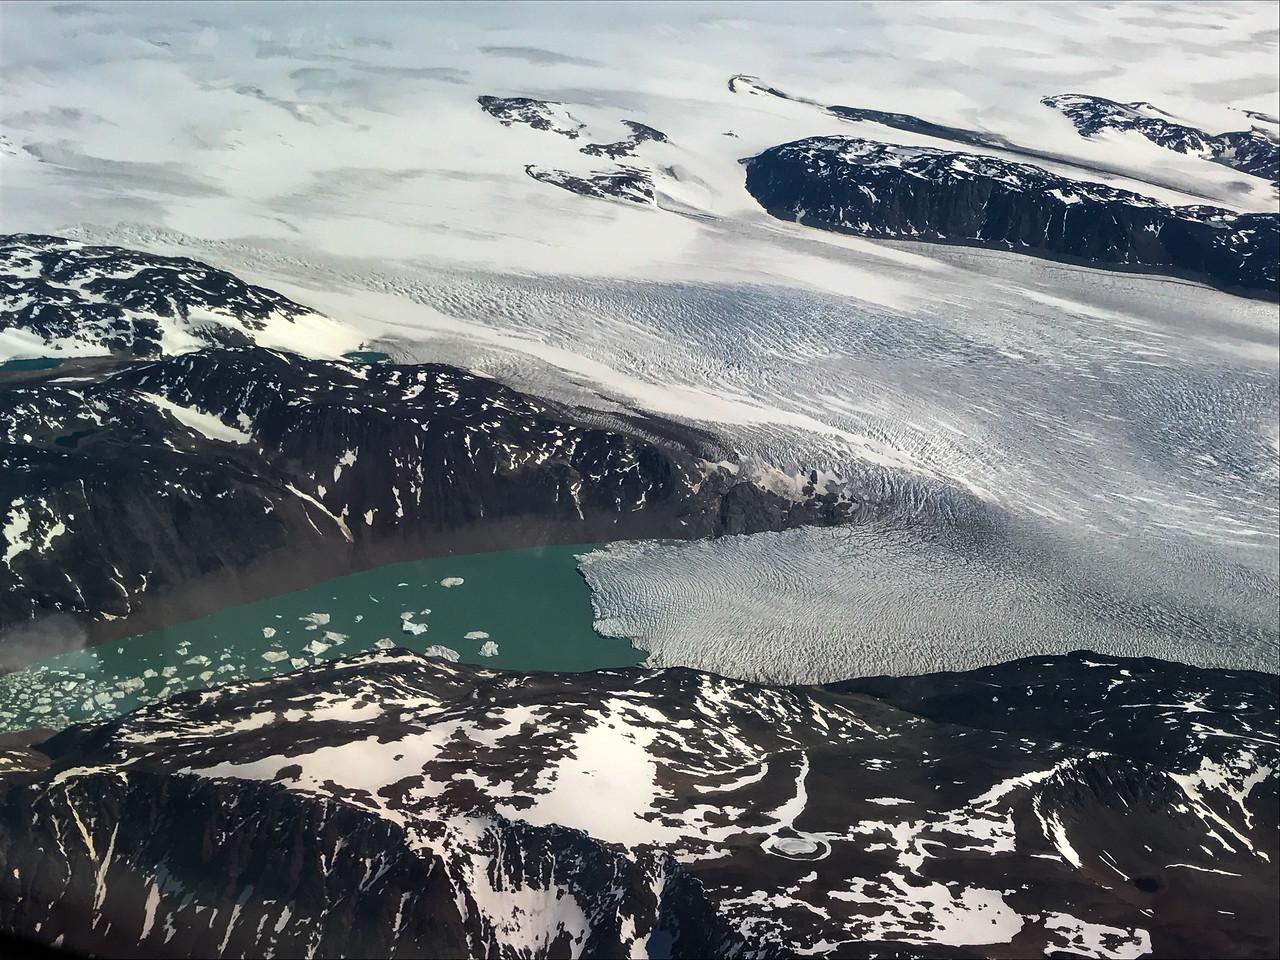 Glacier meets the water